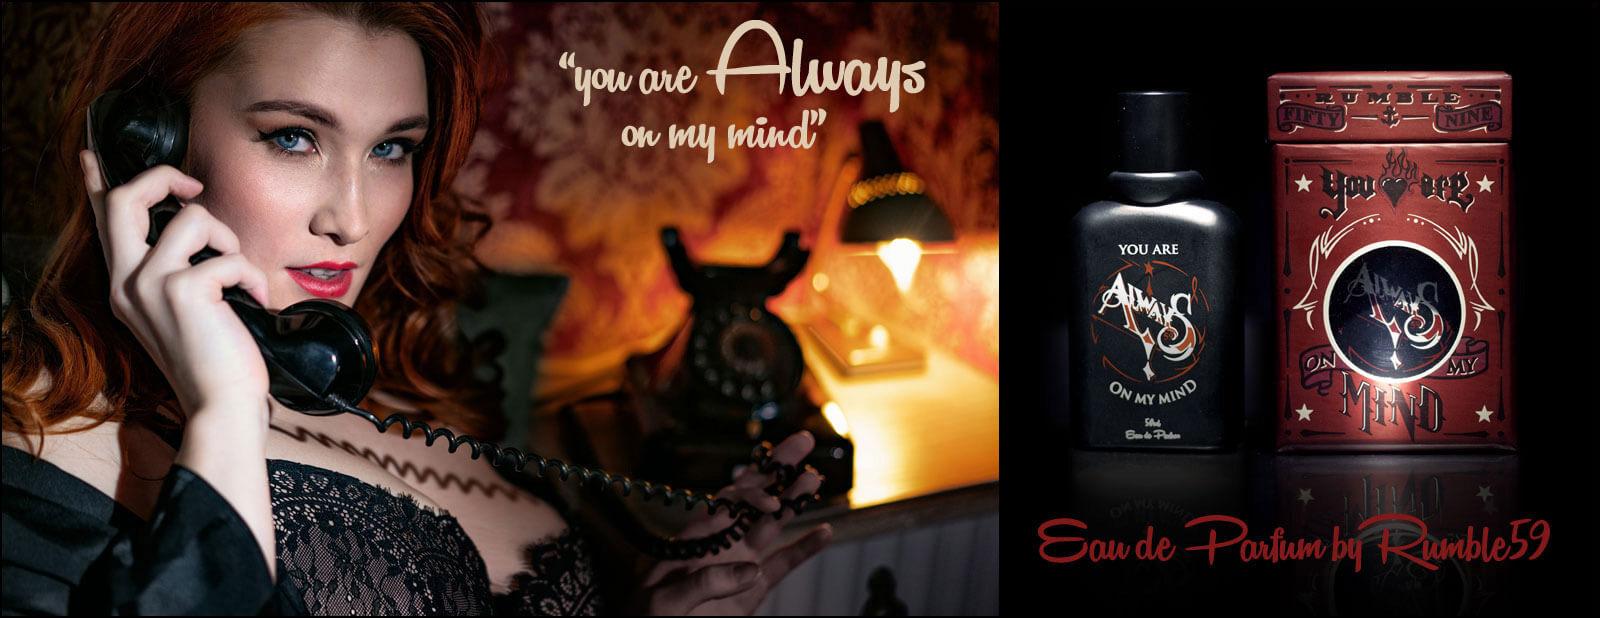 Always Parfum